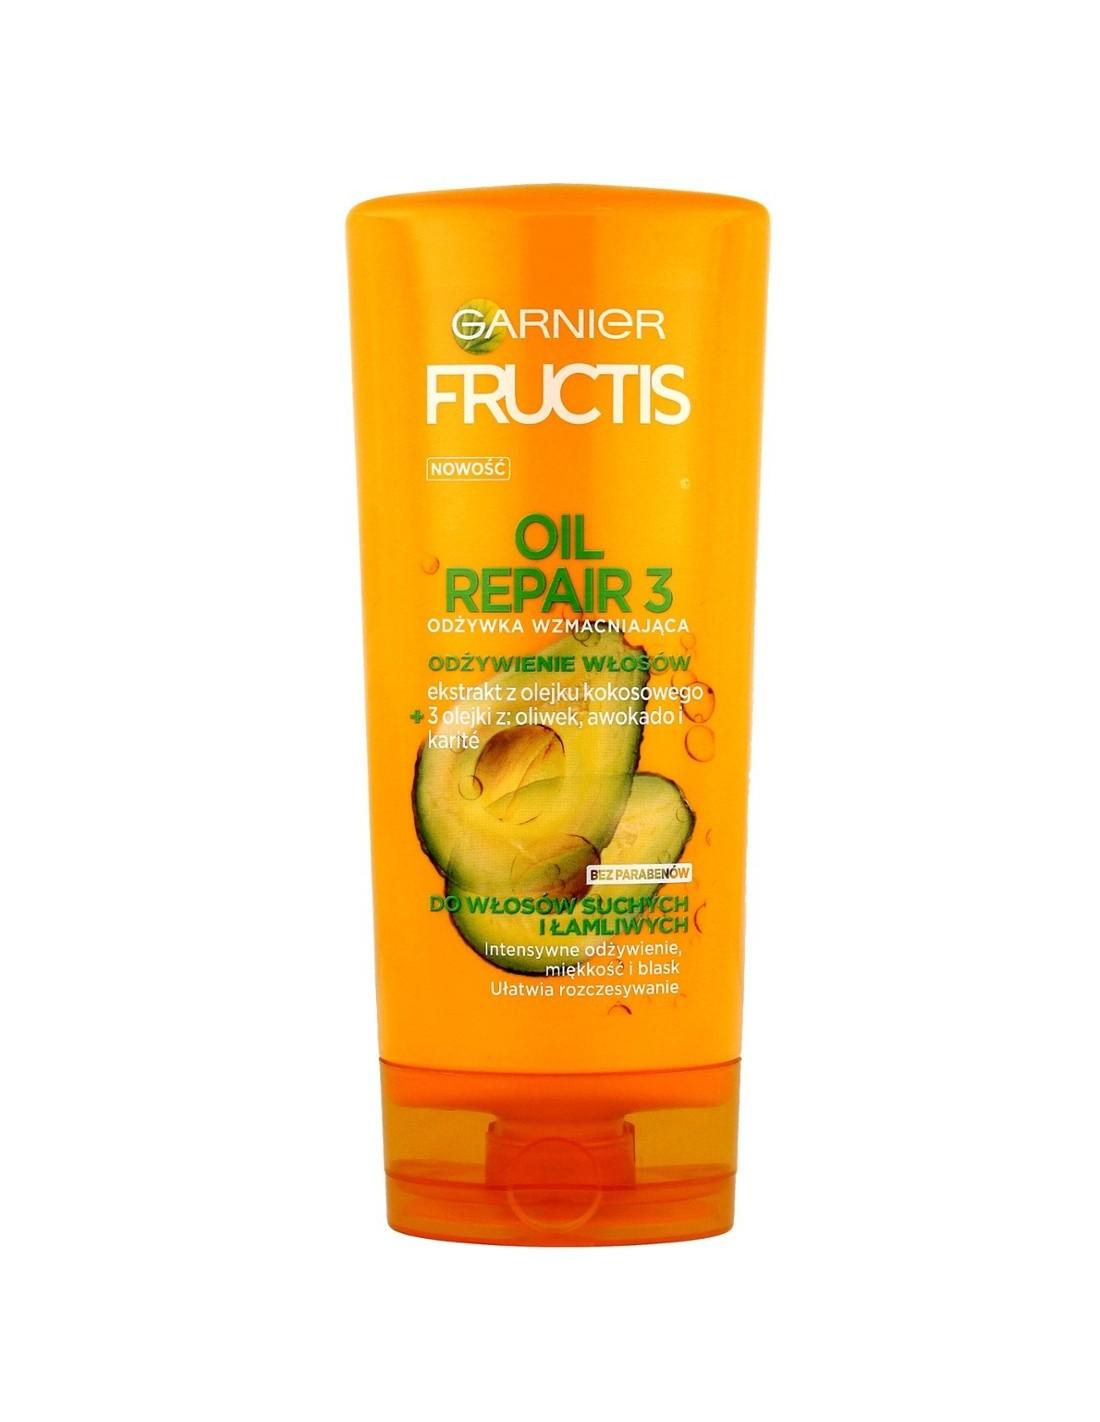 Garnier Fructis Oil Repair 3 Odżywka Wzmacniająca Do Włosów Suchych